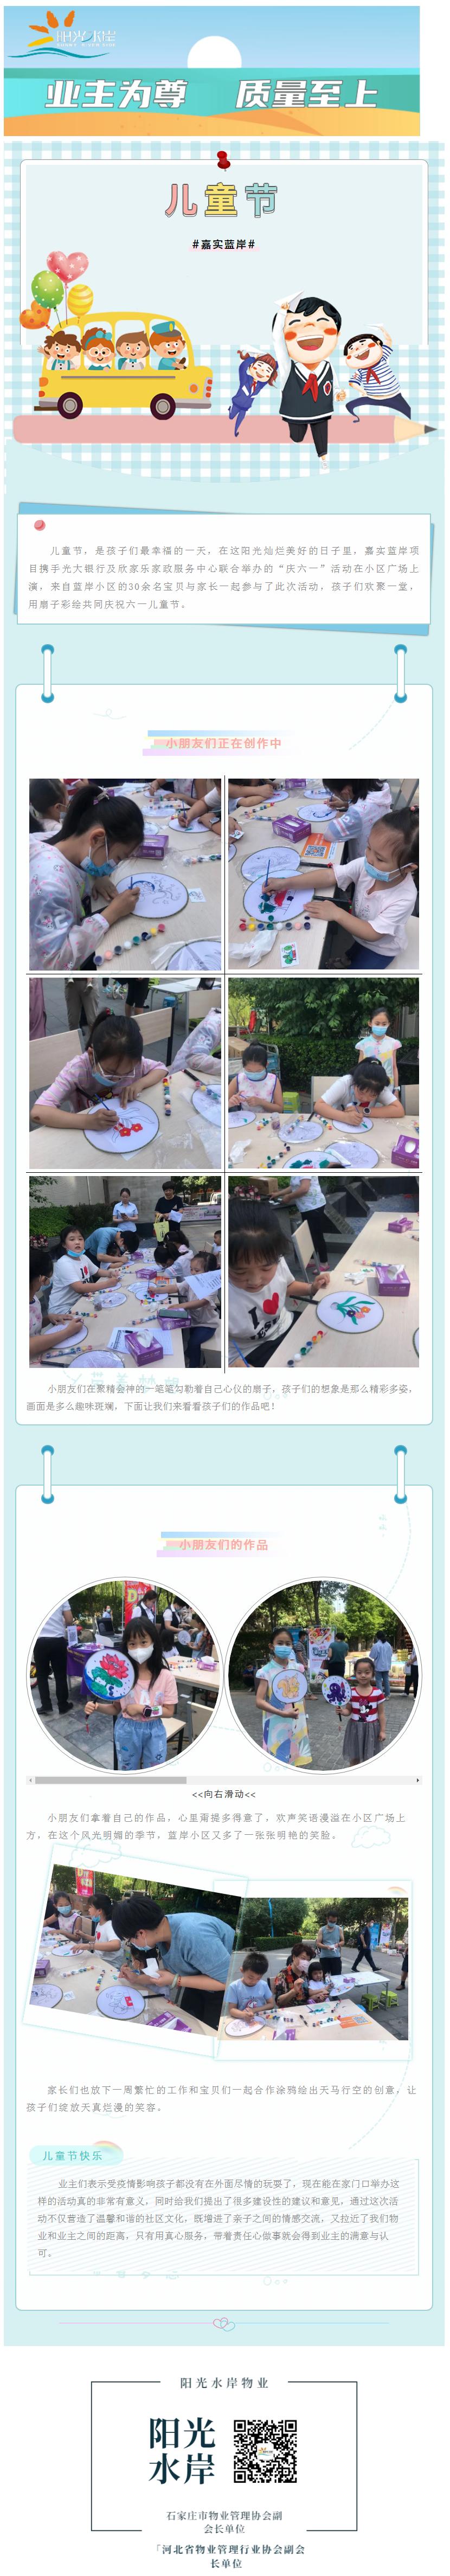 画笔飞扬-彩绘童年!.png